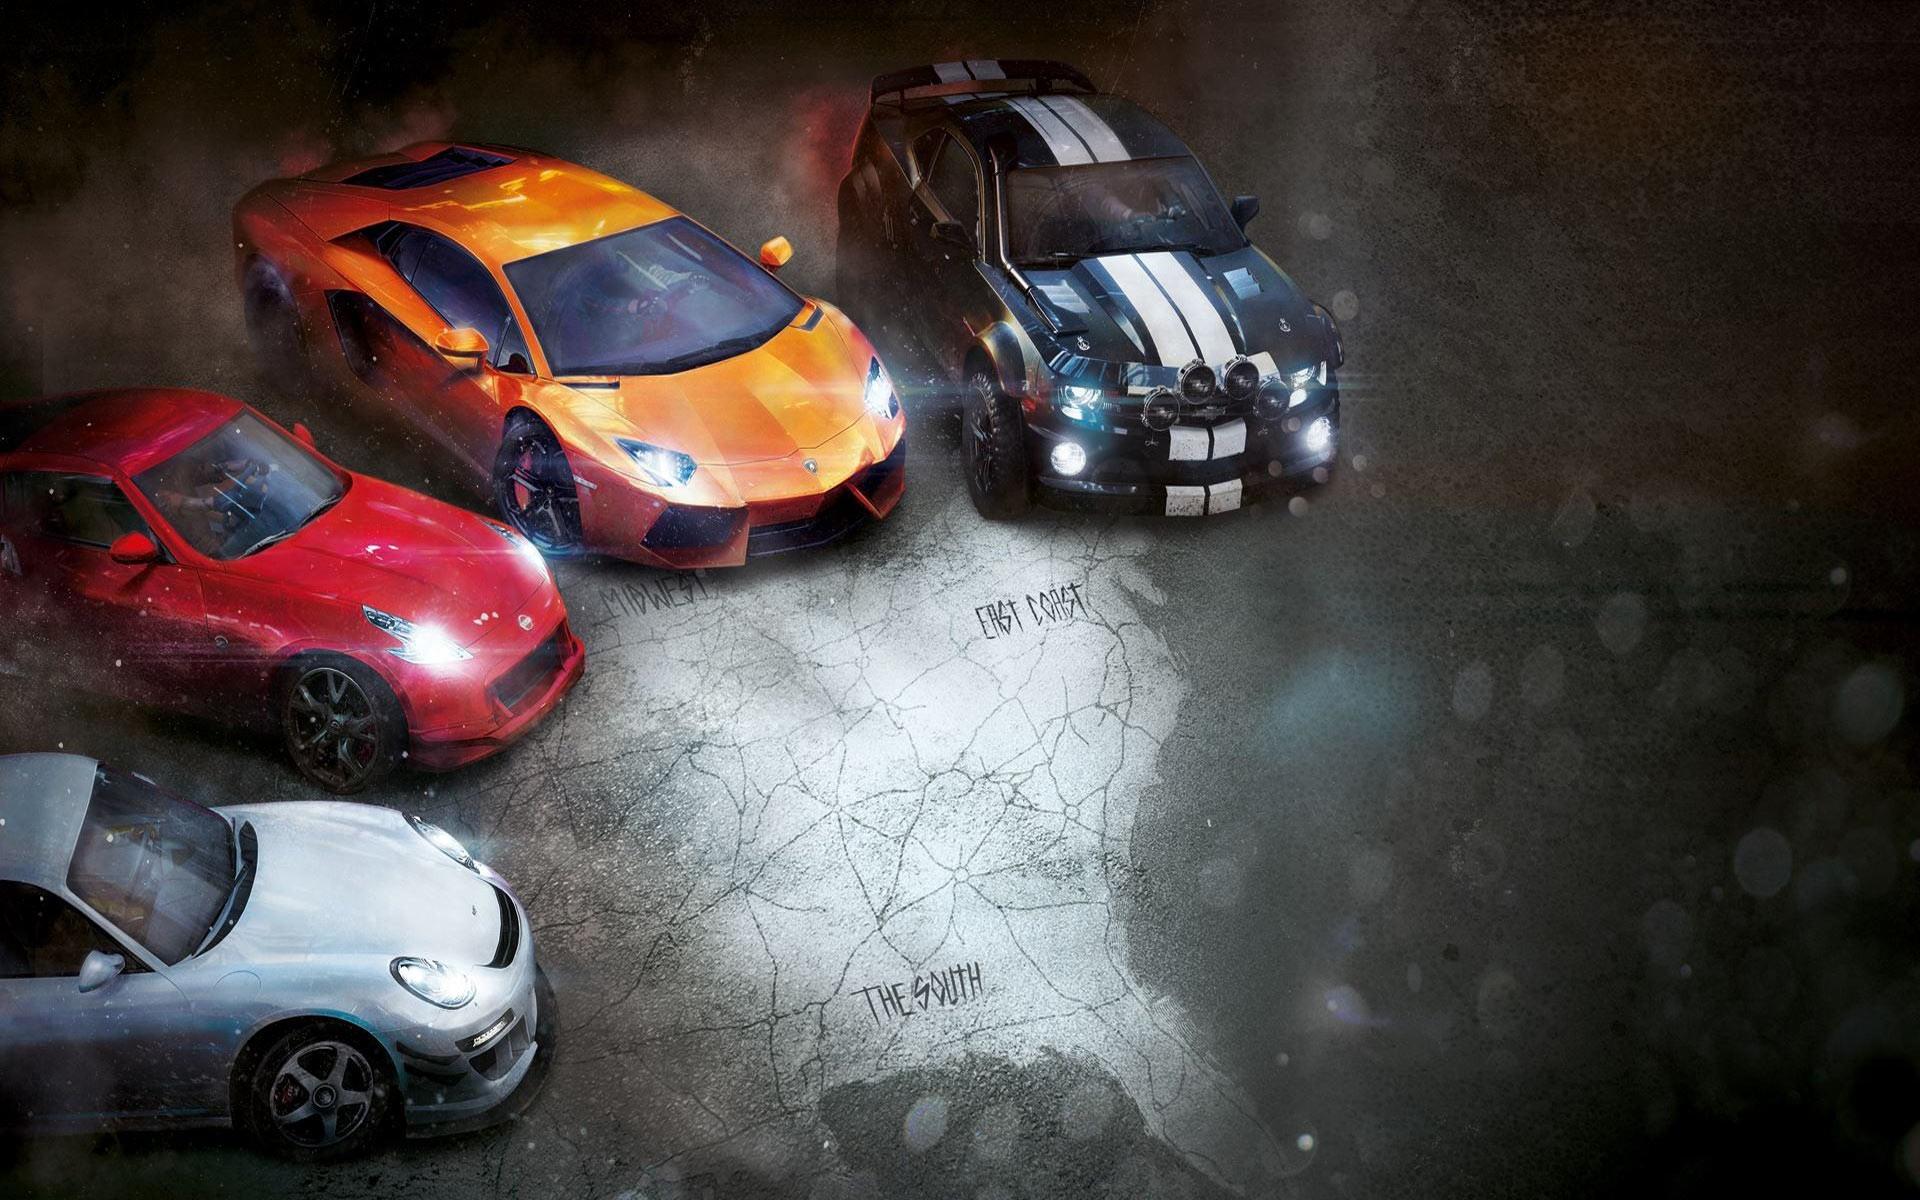 3d Animal Wallpapers Desktop Free Download Video Games Sports Car Car The Crew Lamborghini